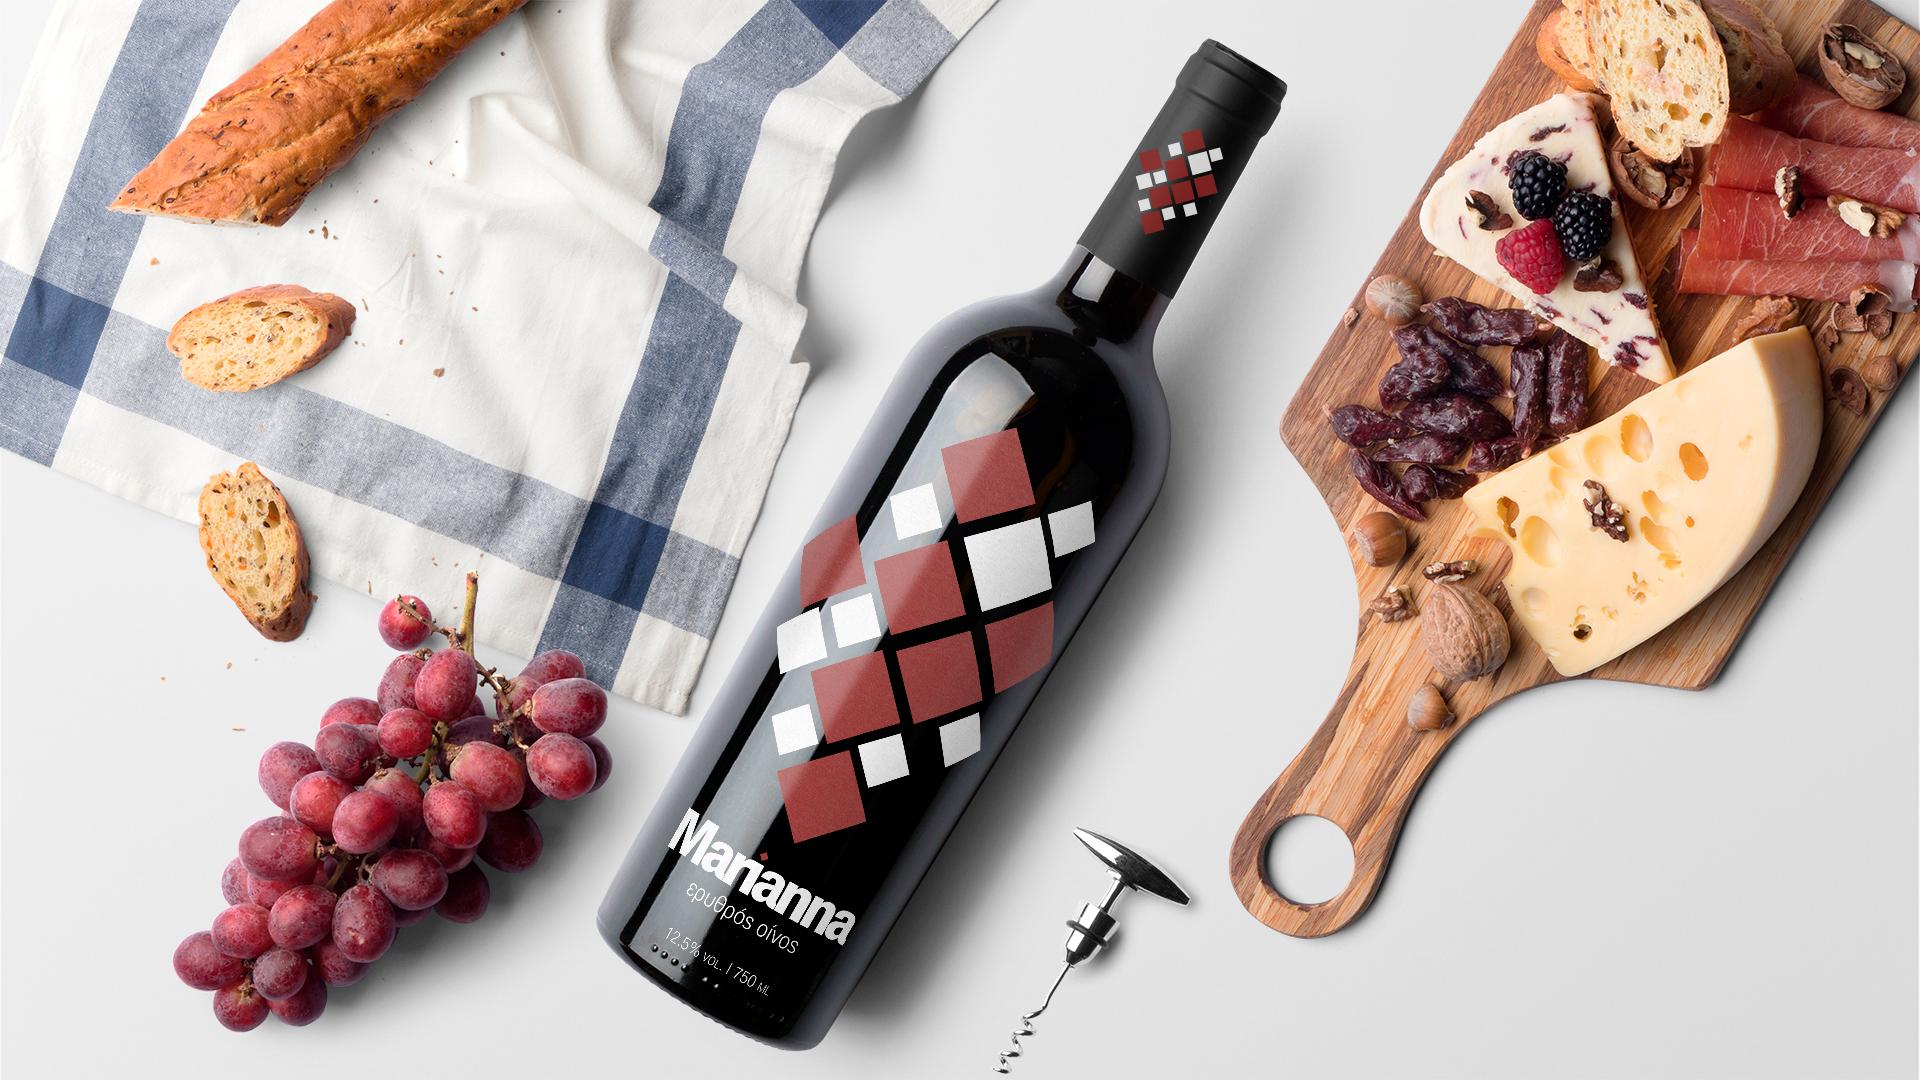 Red_Bottle_Scene_web